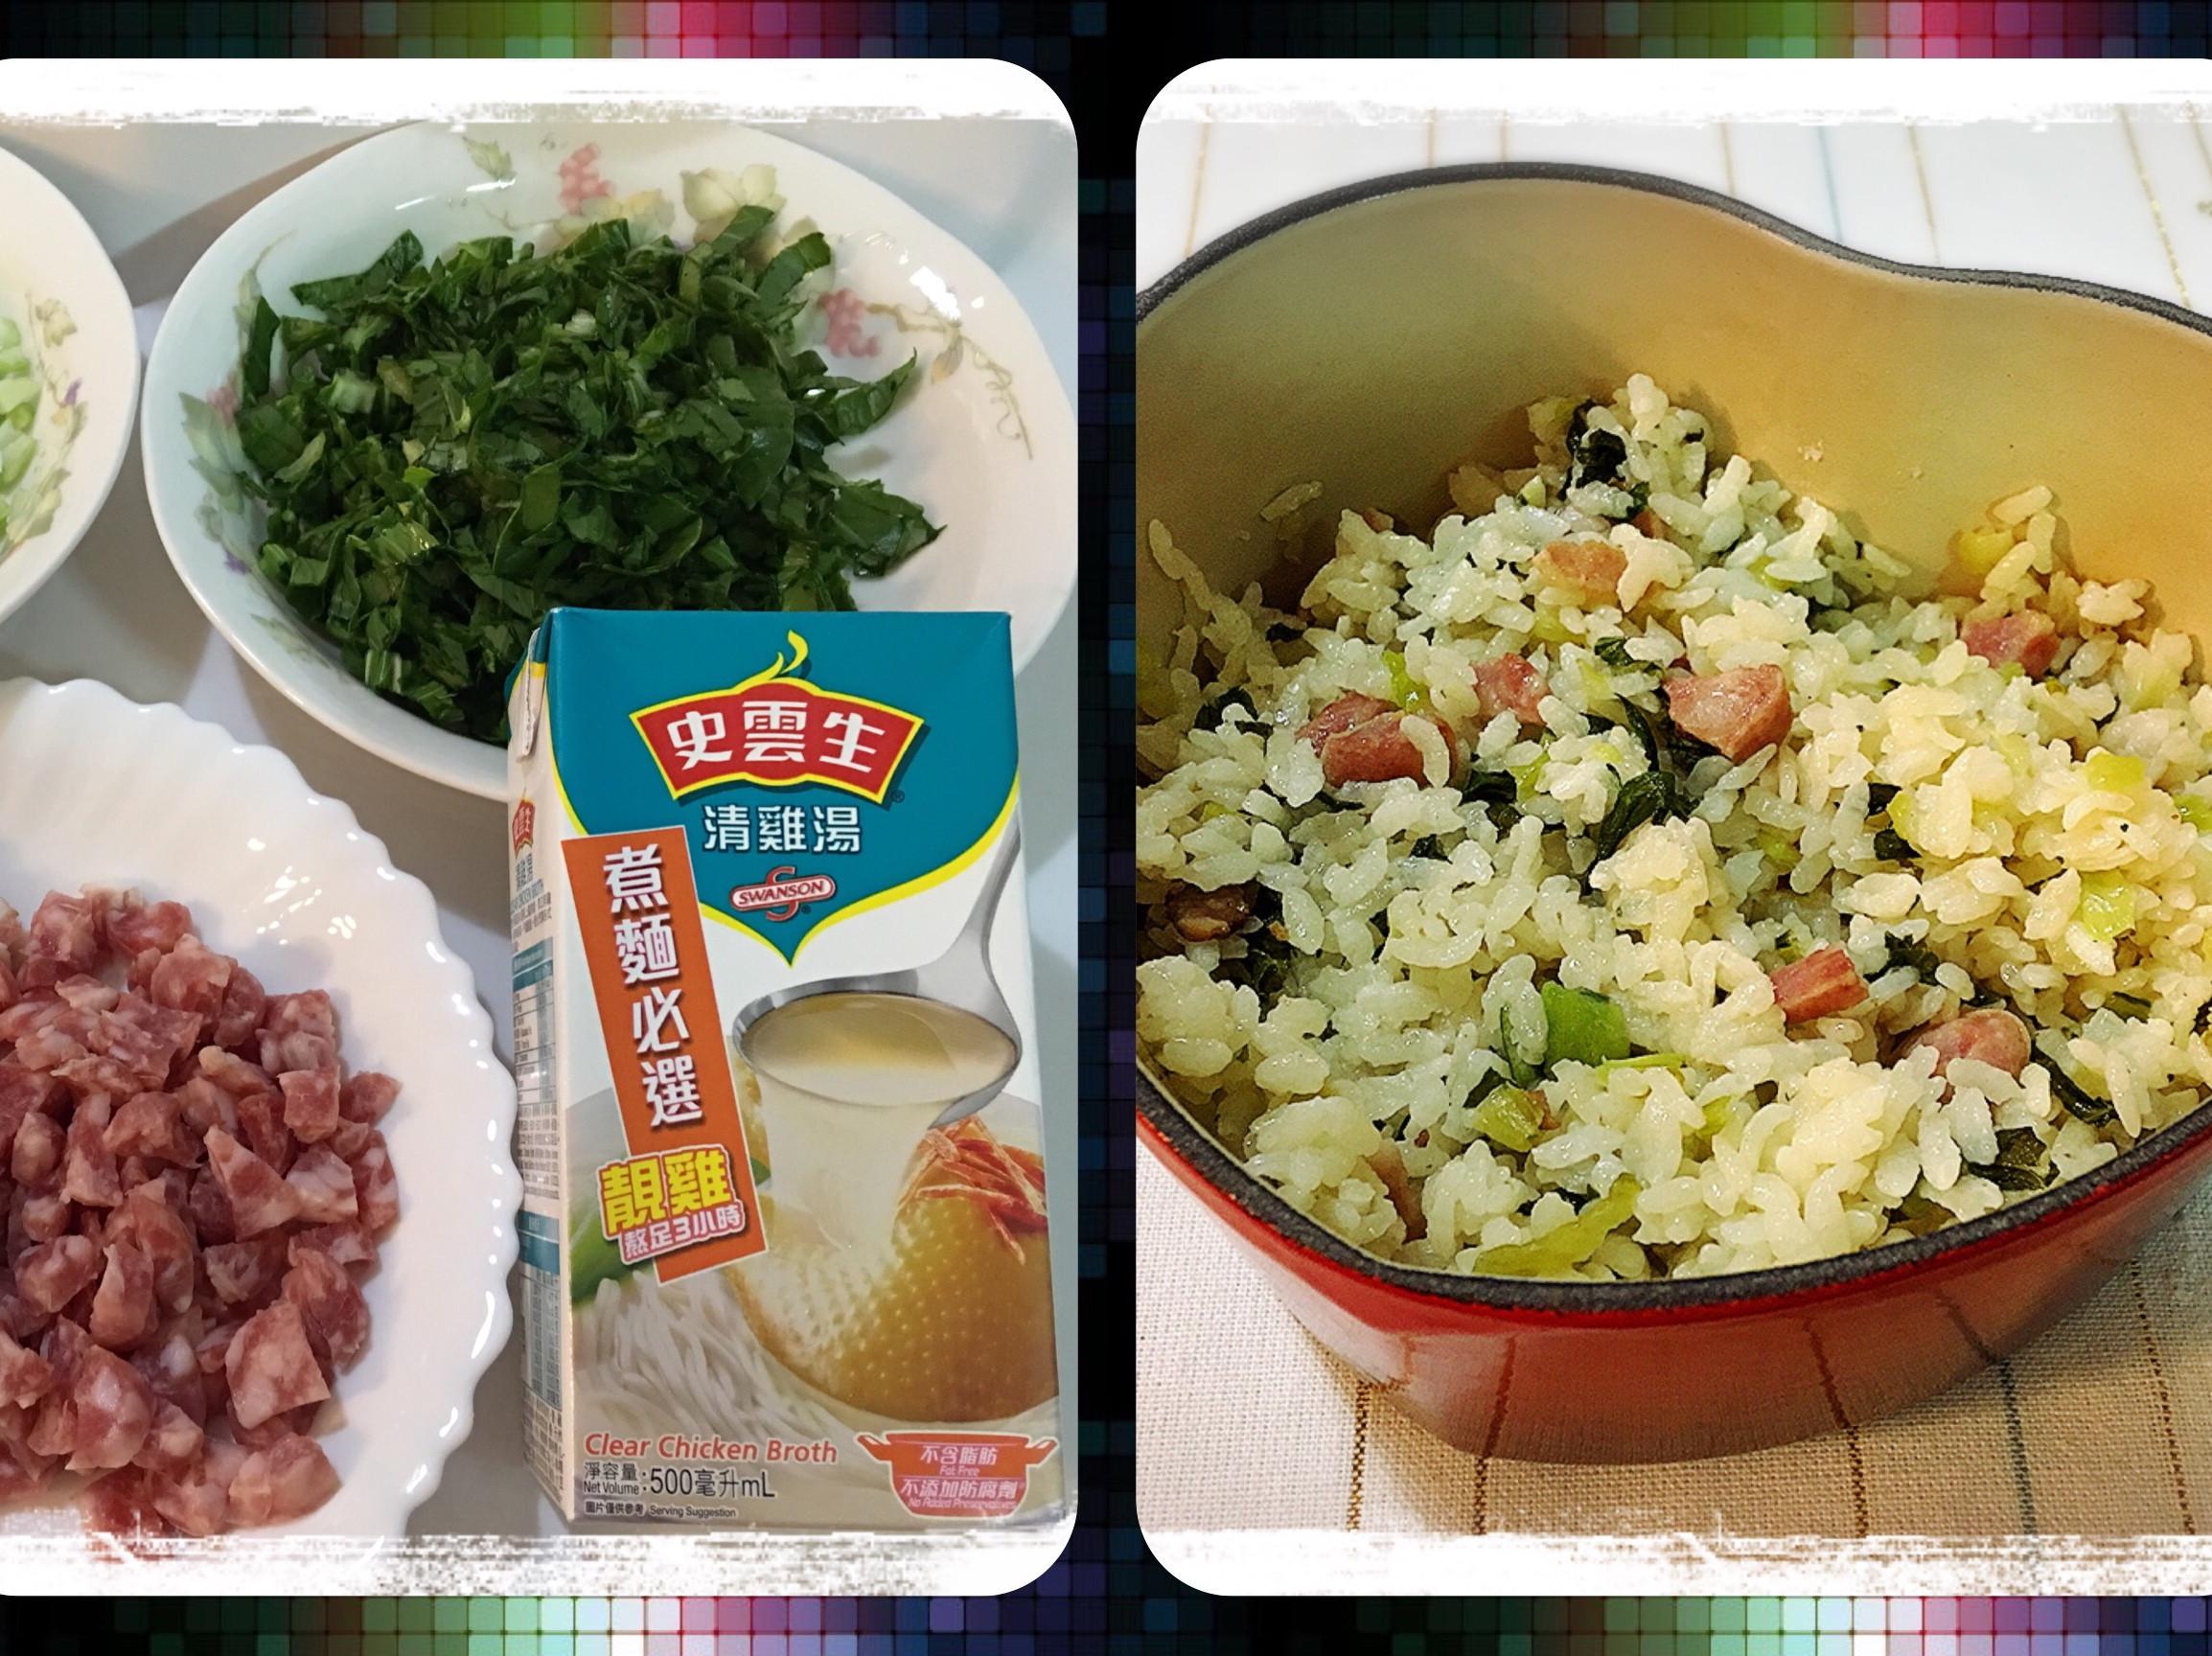 上海菜飯《史雲生清雞湯》